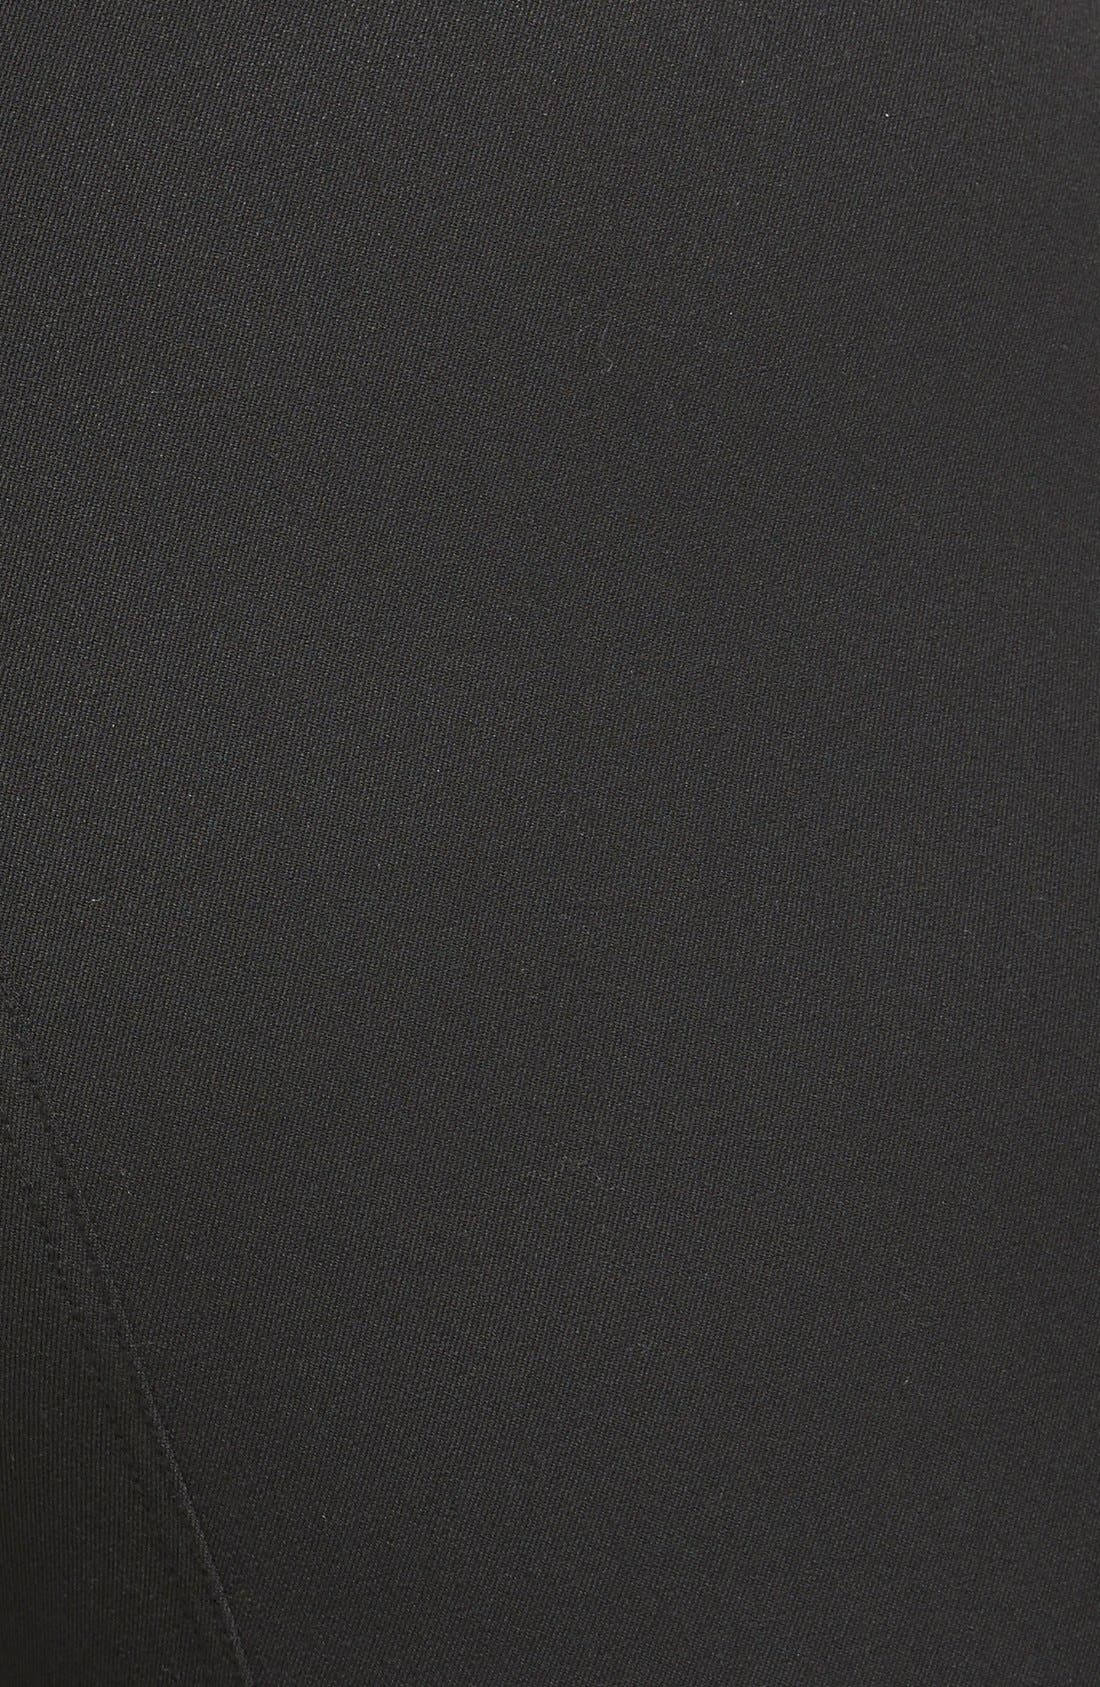 Seam Detail Pants,                             Alternate thumbnail 4, color,                             RICH BLACK